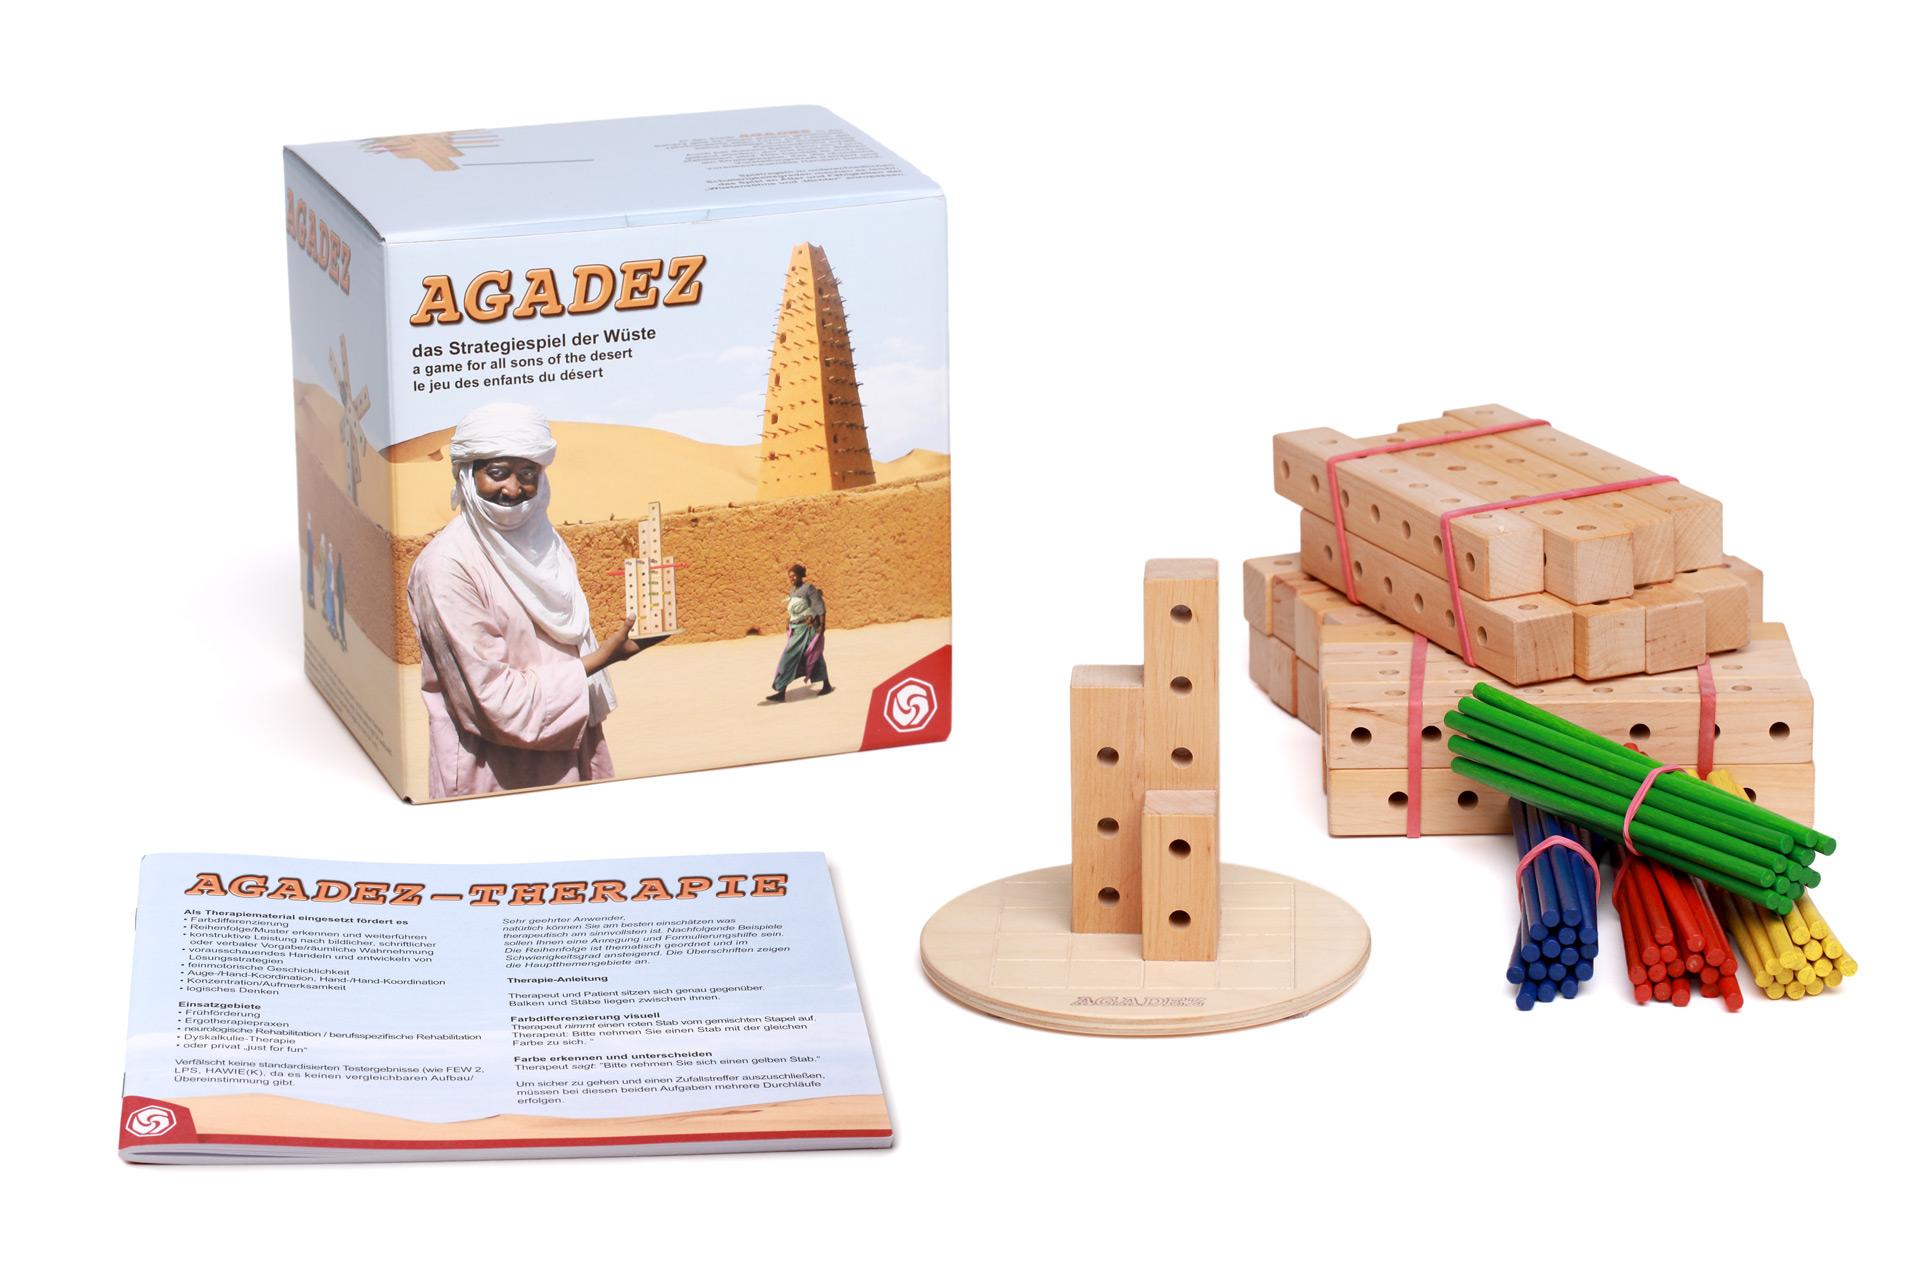 Spielwaren-aus-Holz-kreativ-Agadez-Feinmotorik-Therapievesion-mit-Begleitheft-Strategiespiel-ksg